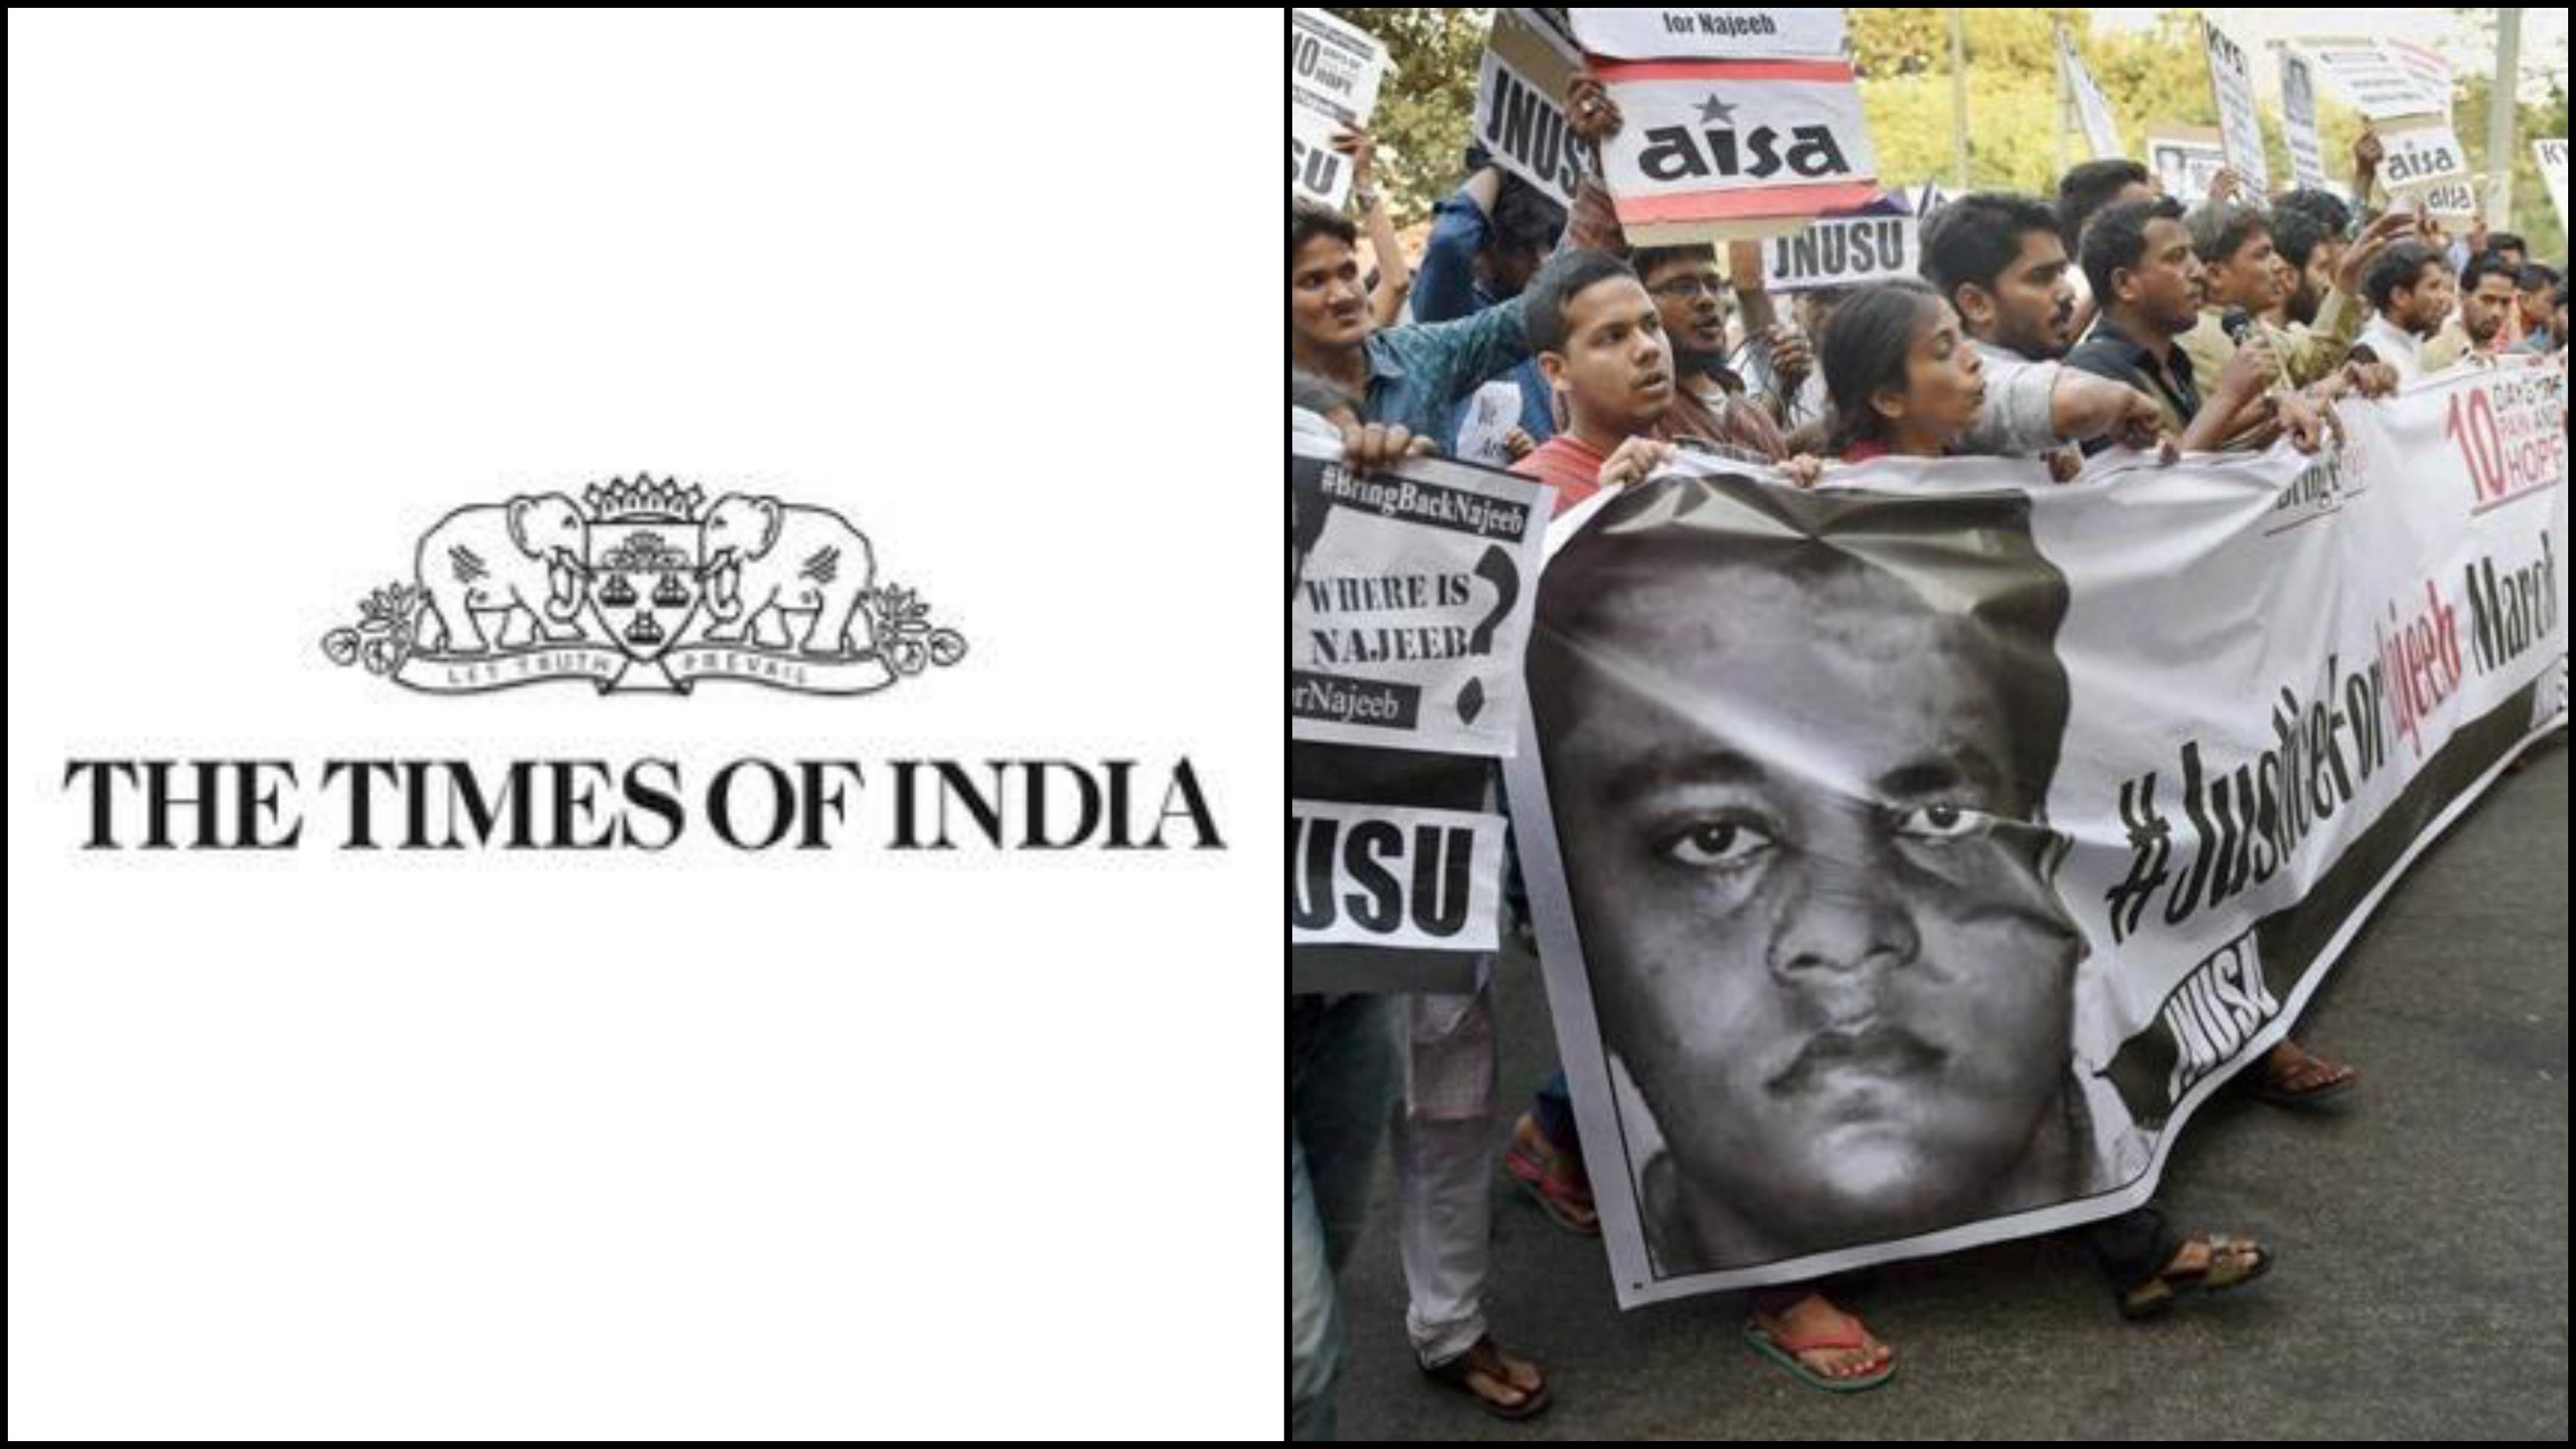 TOI-JNU-Raj-Shekhar-Najeeb